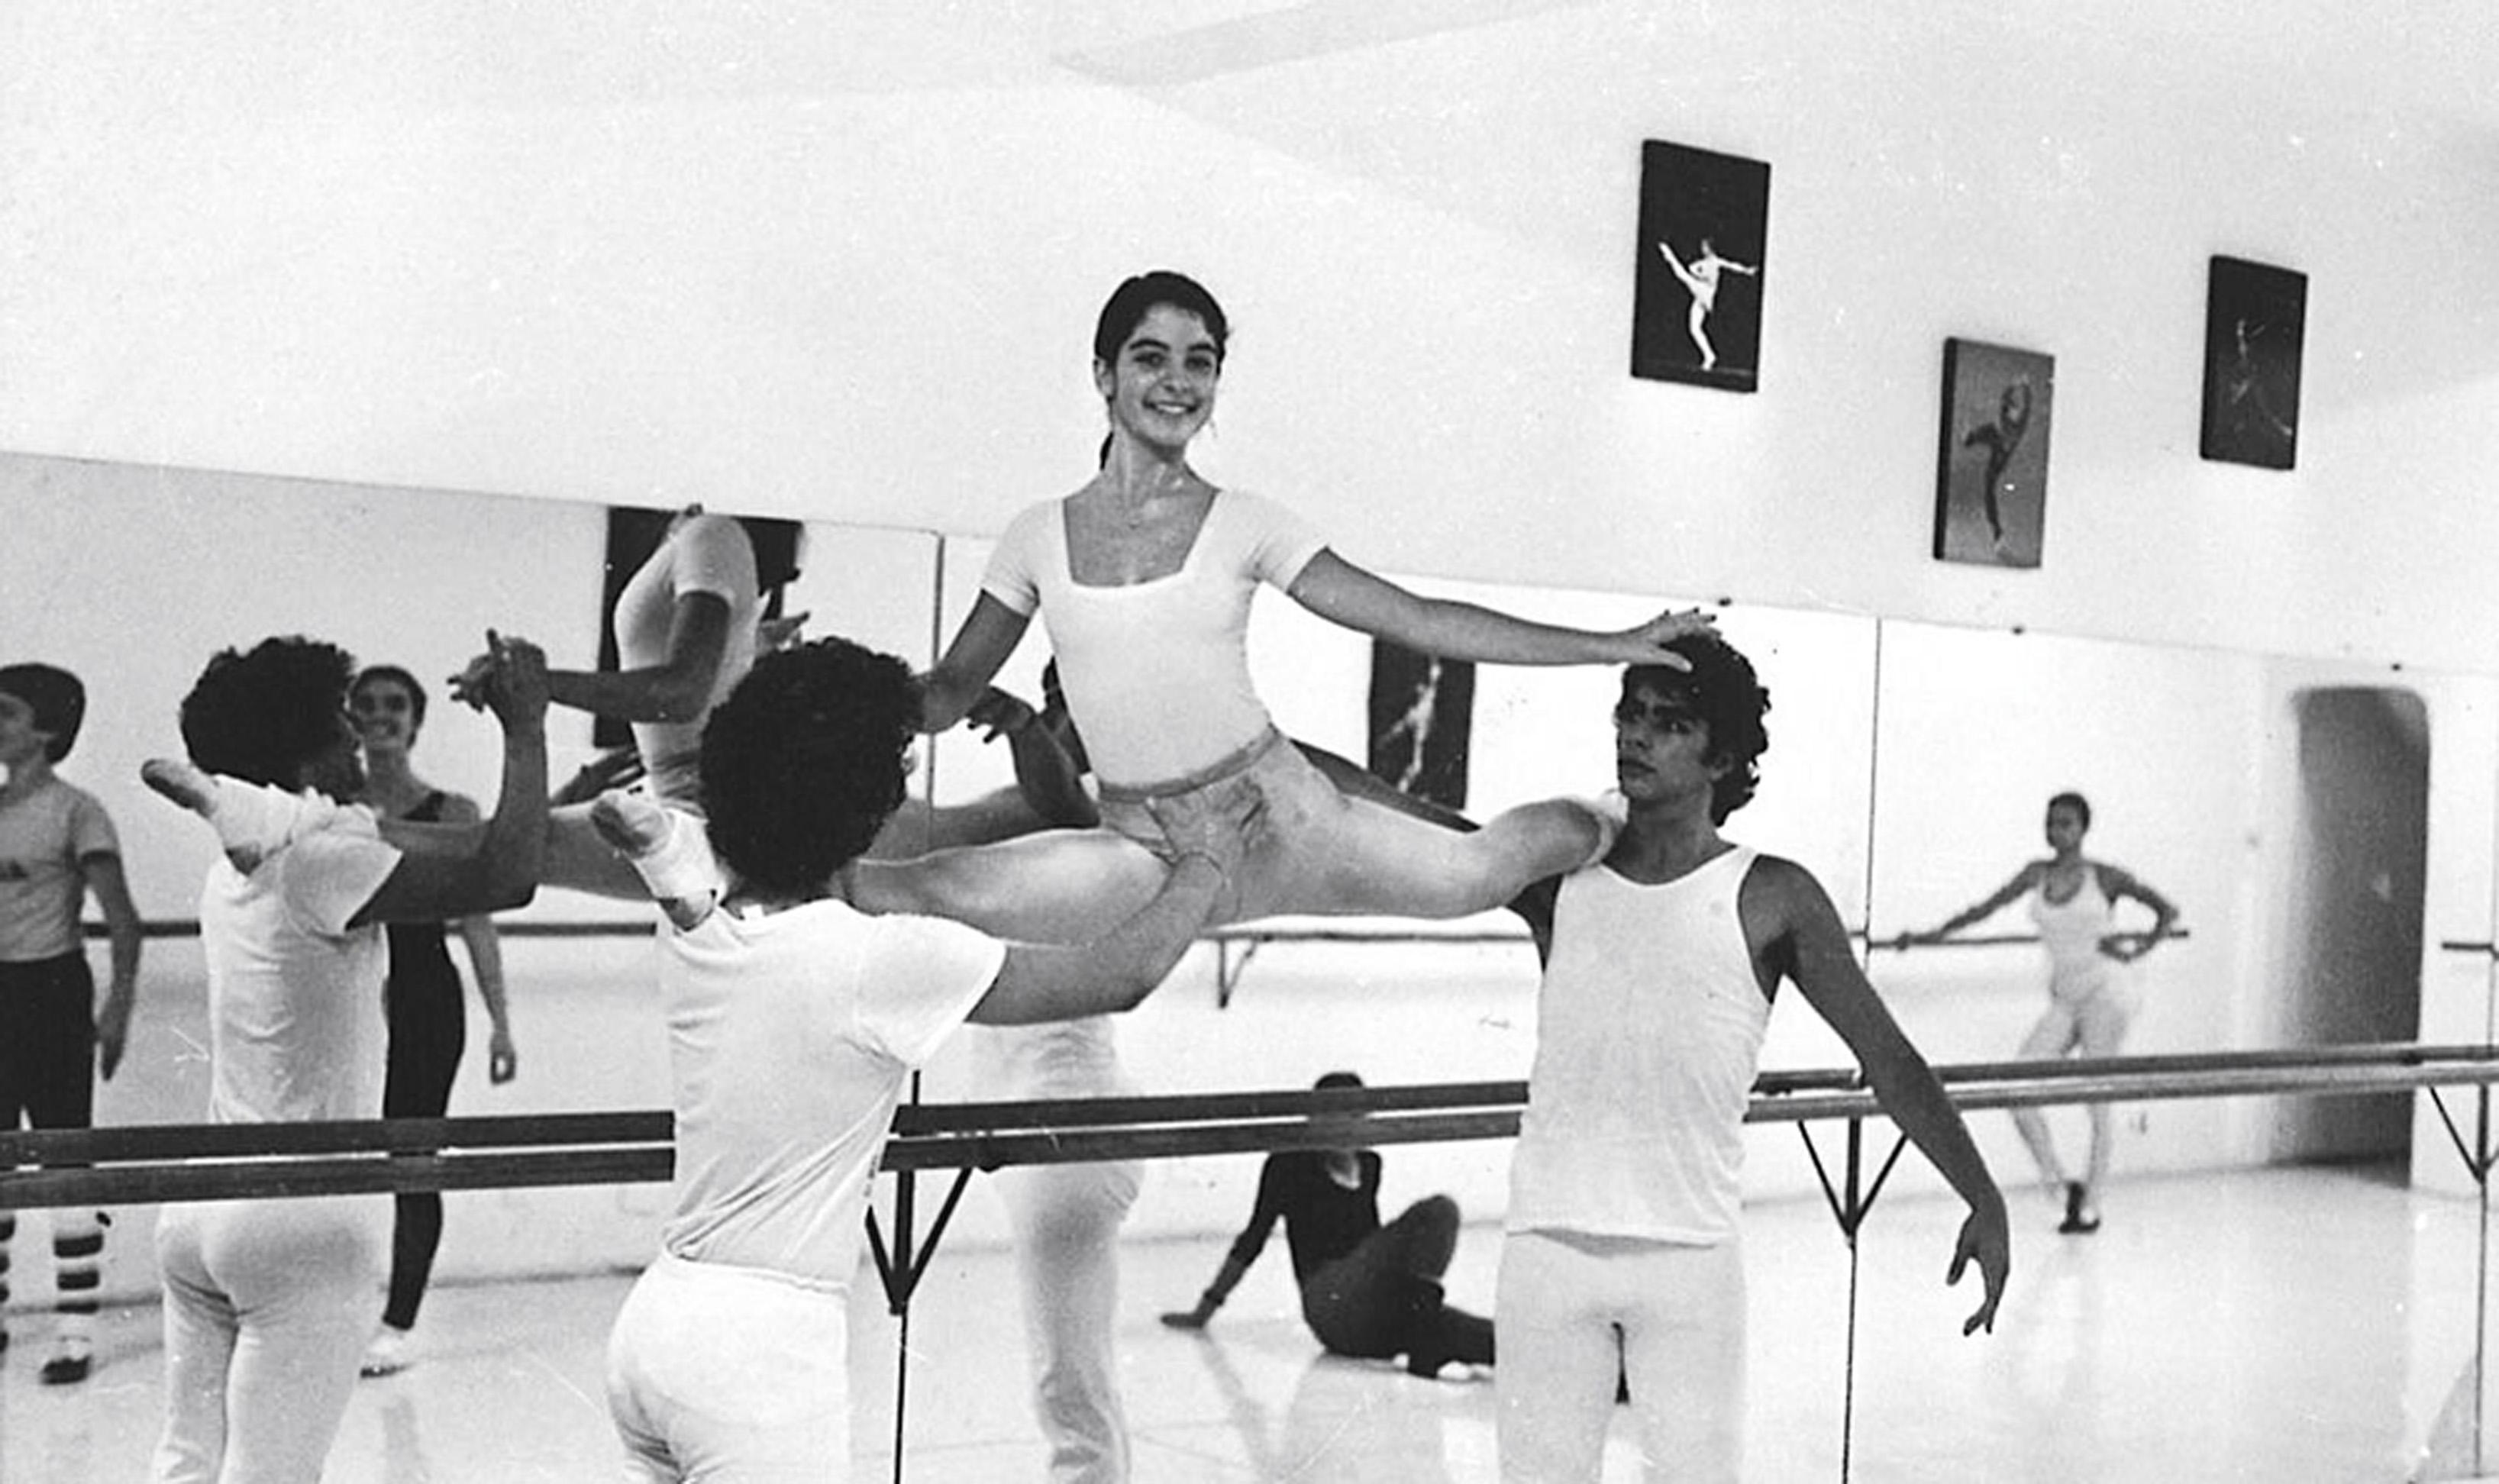 Aos 14, fazendo aula de balé, em Brasília